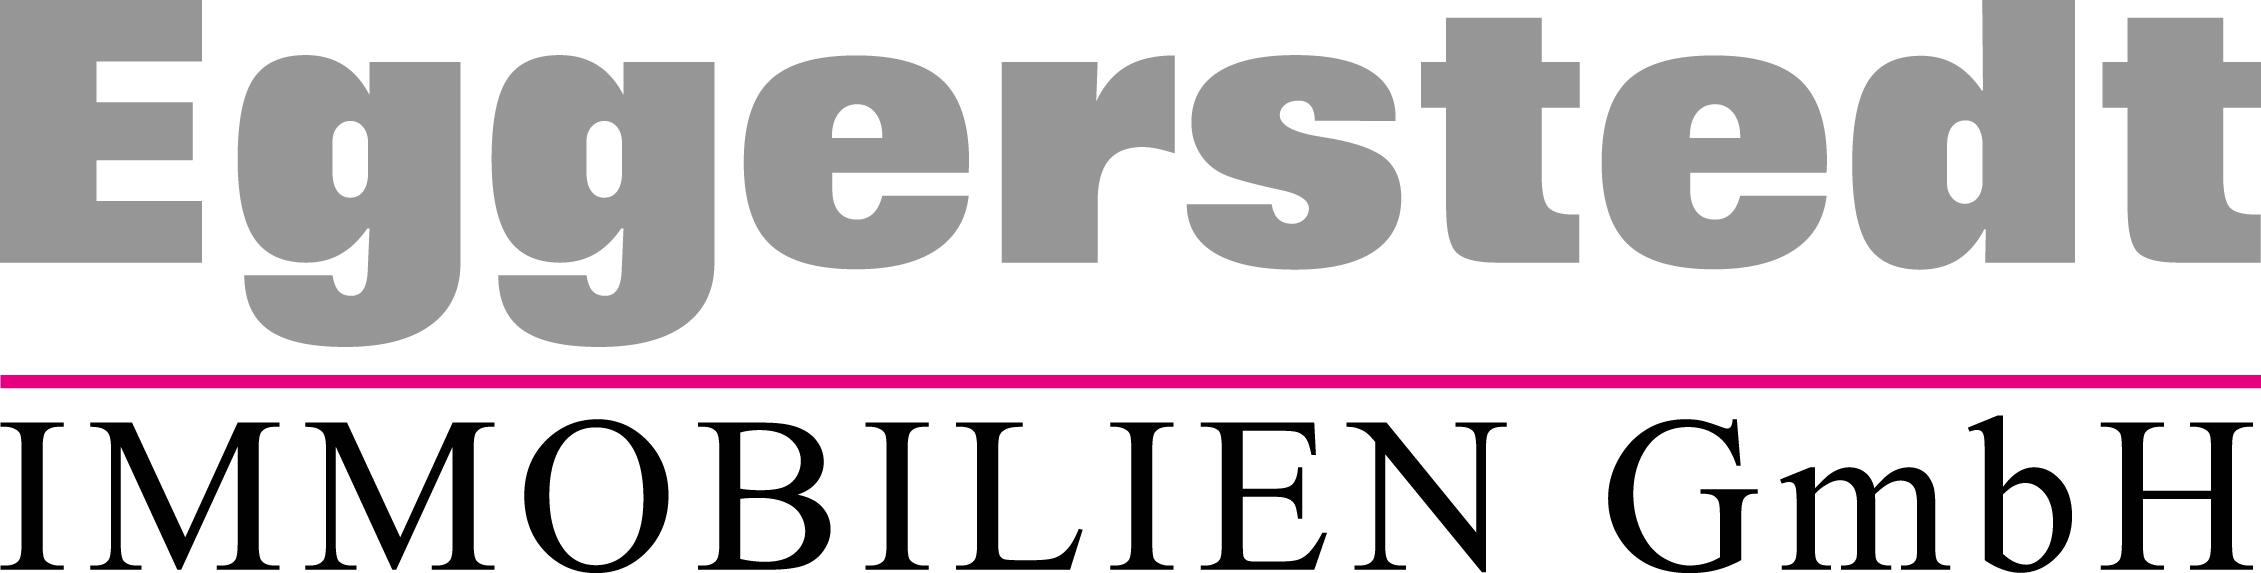 Hier sehen Sie das Logo von Eggerstedt Immobilien GmbH